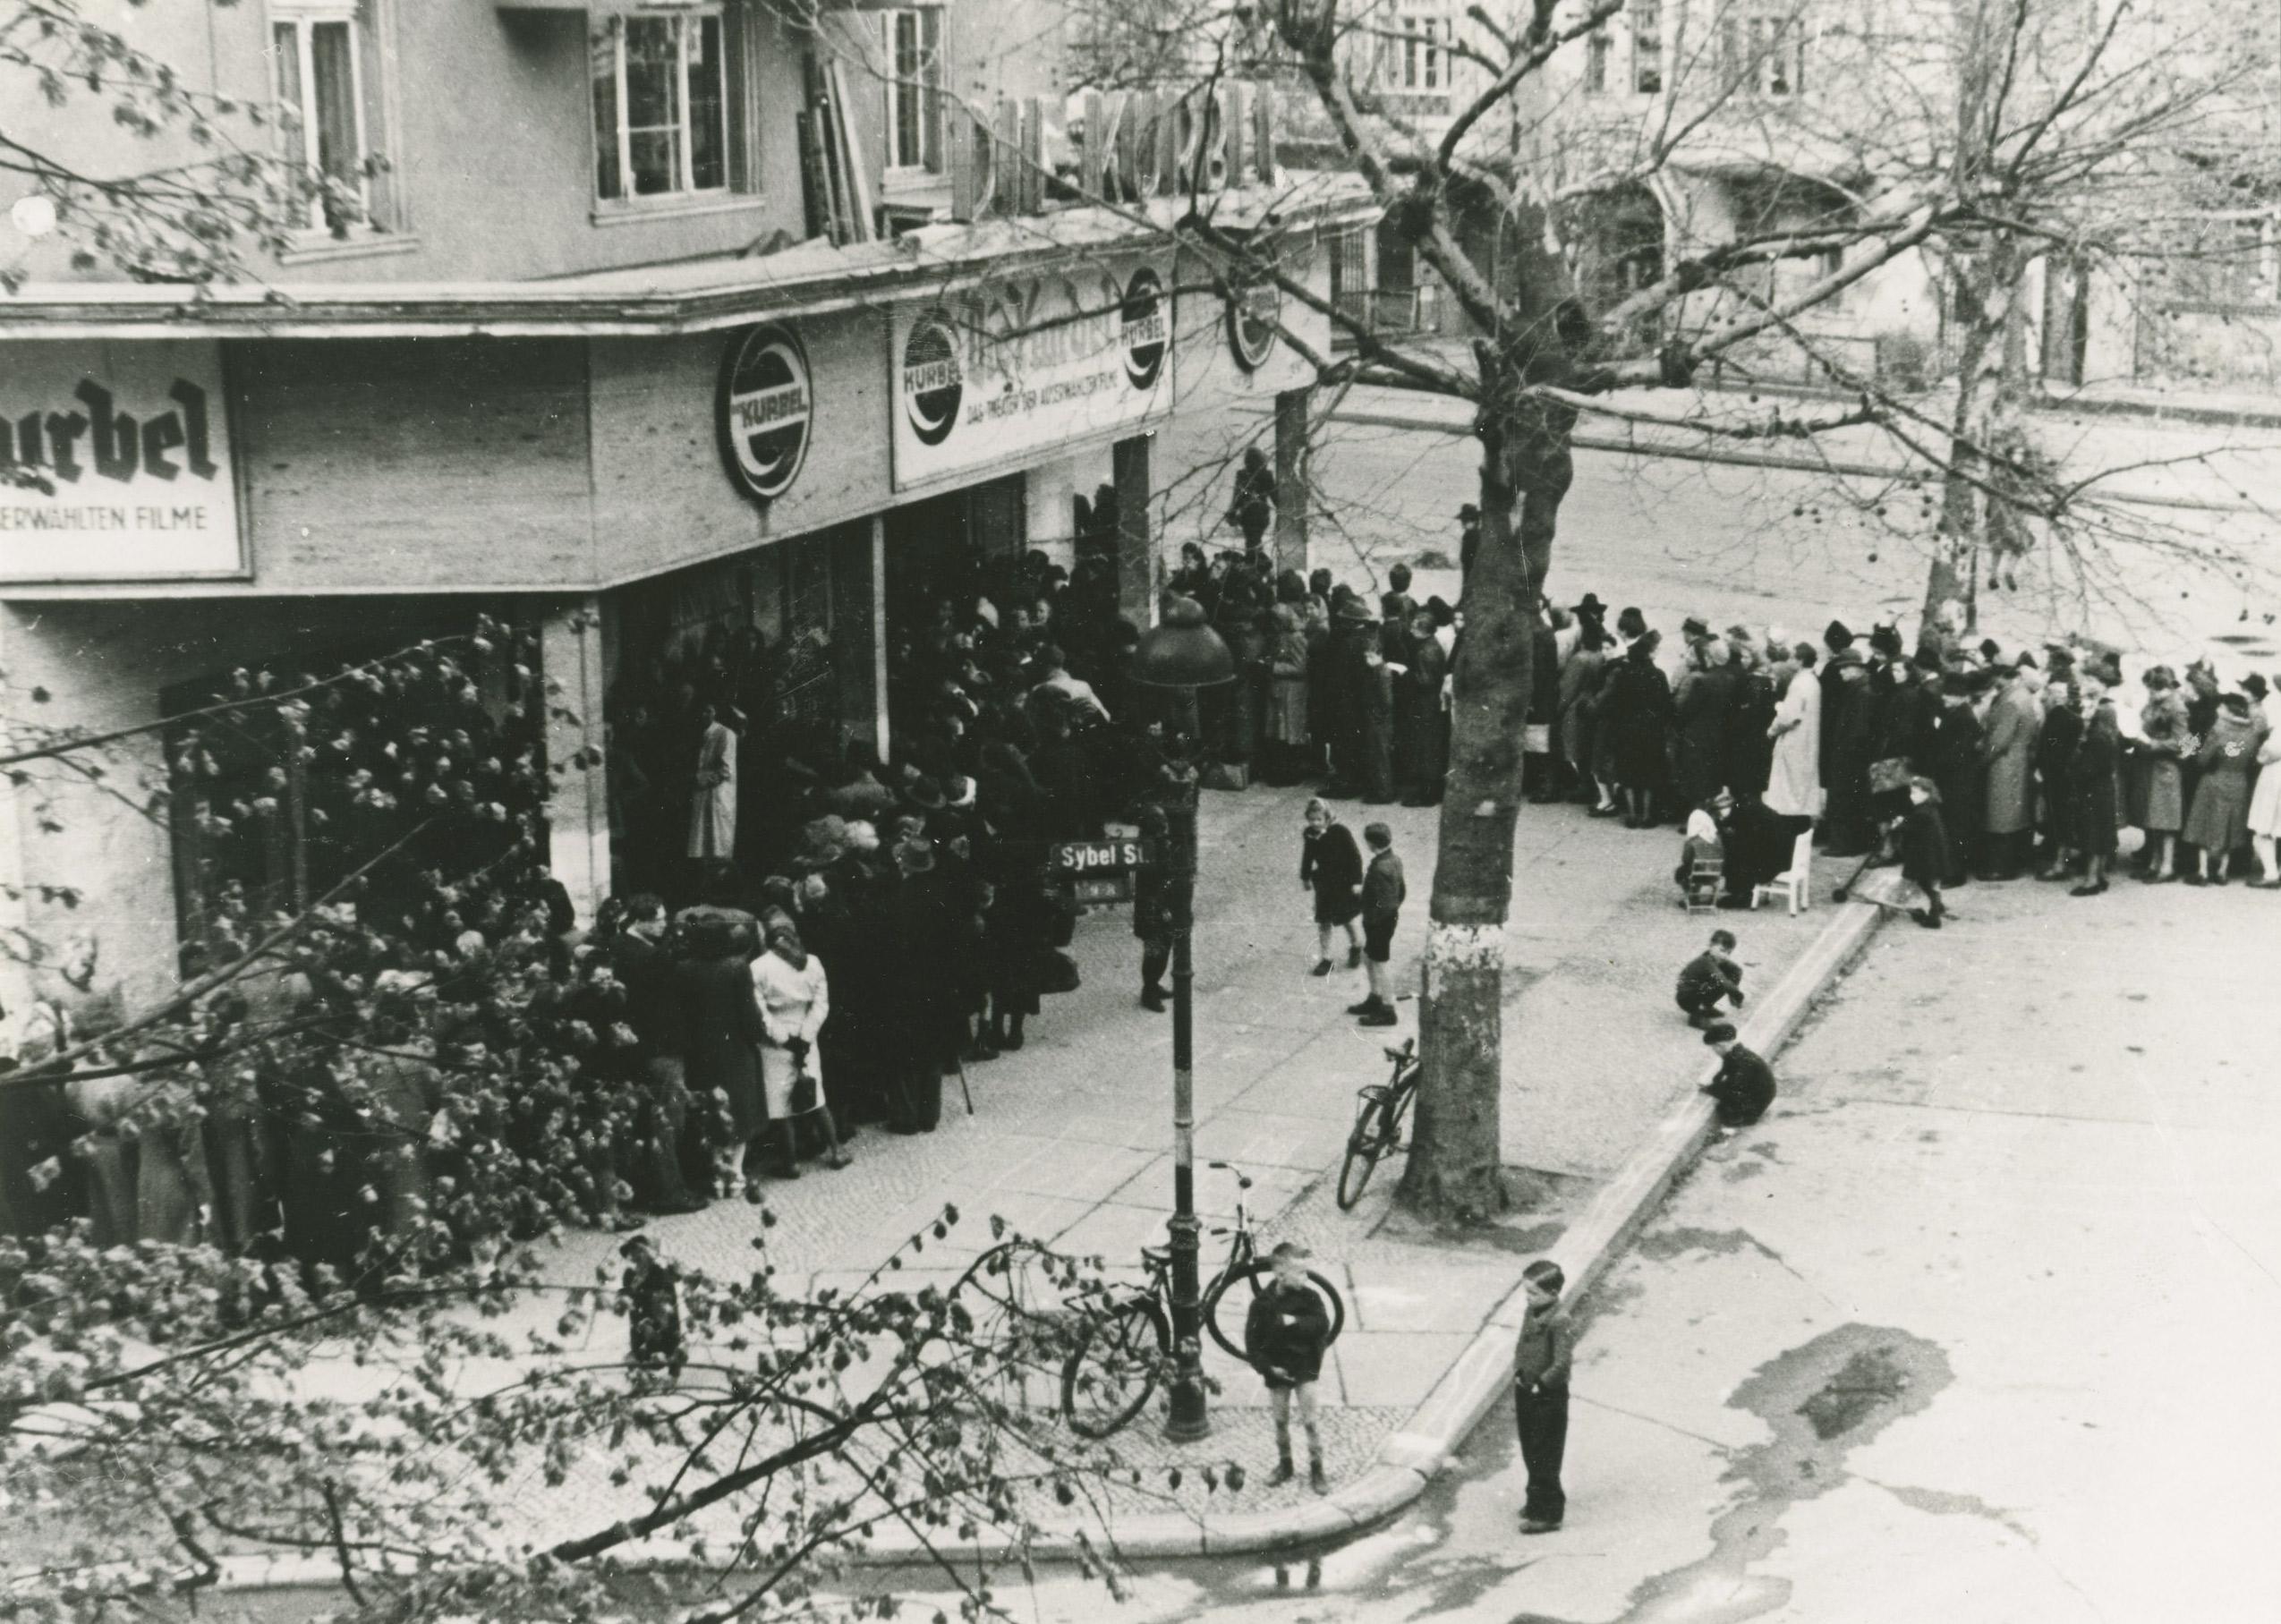 Schwarz-Weiß-Foto: lange Menschenschlage vor dem Kino